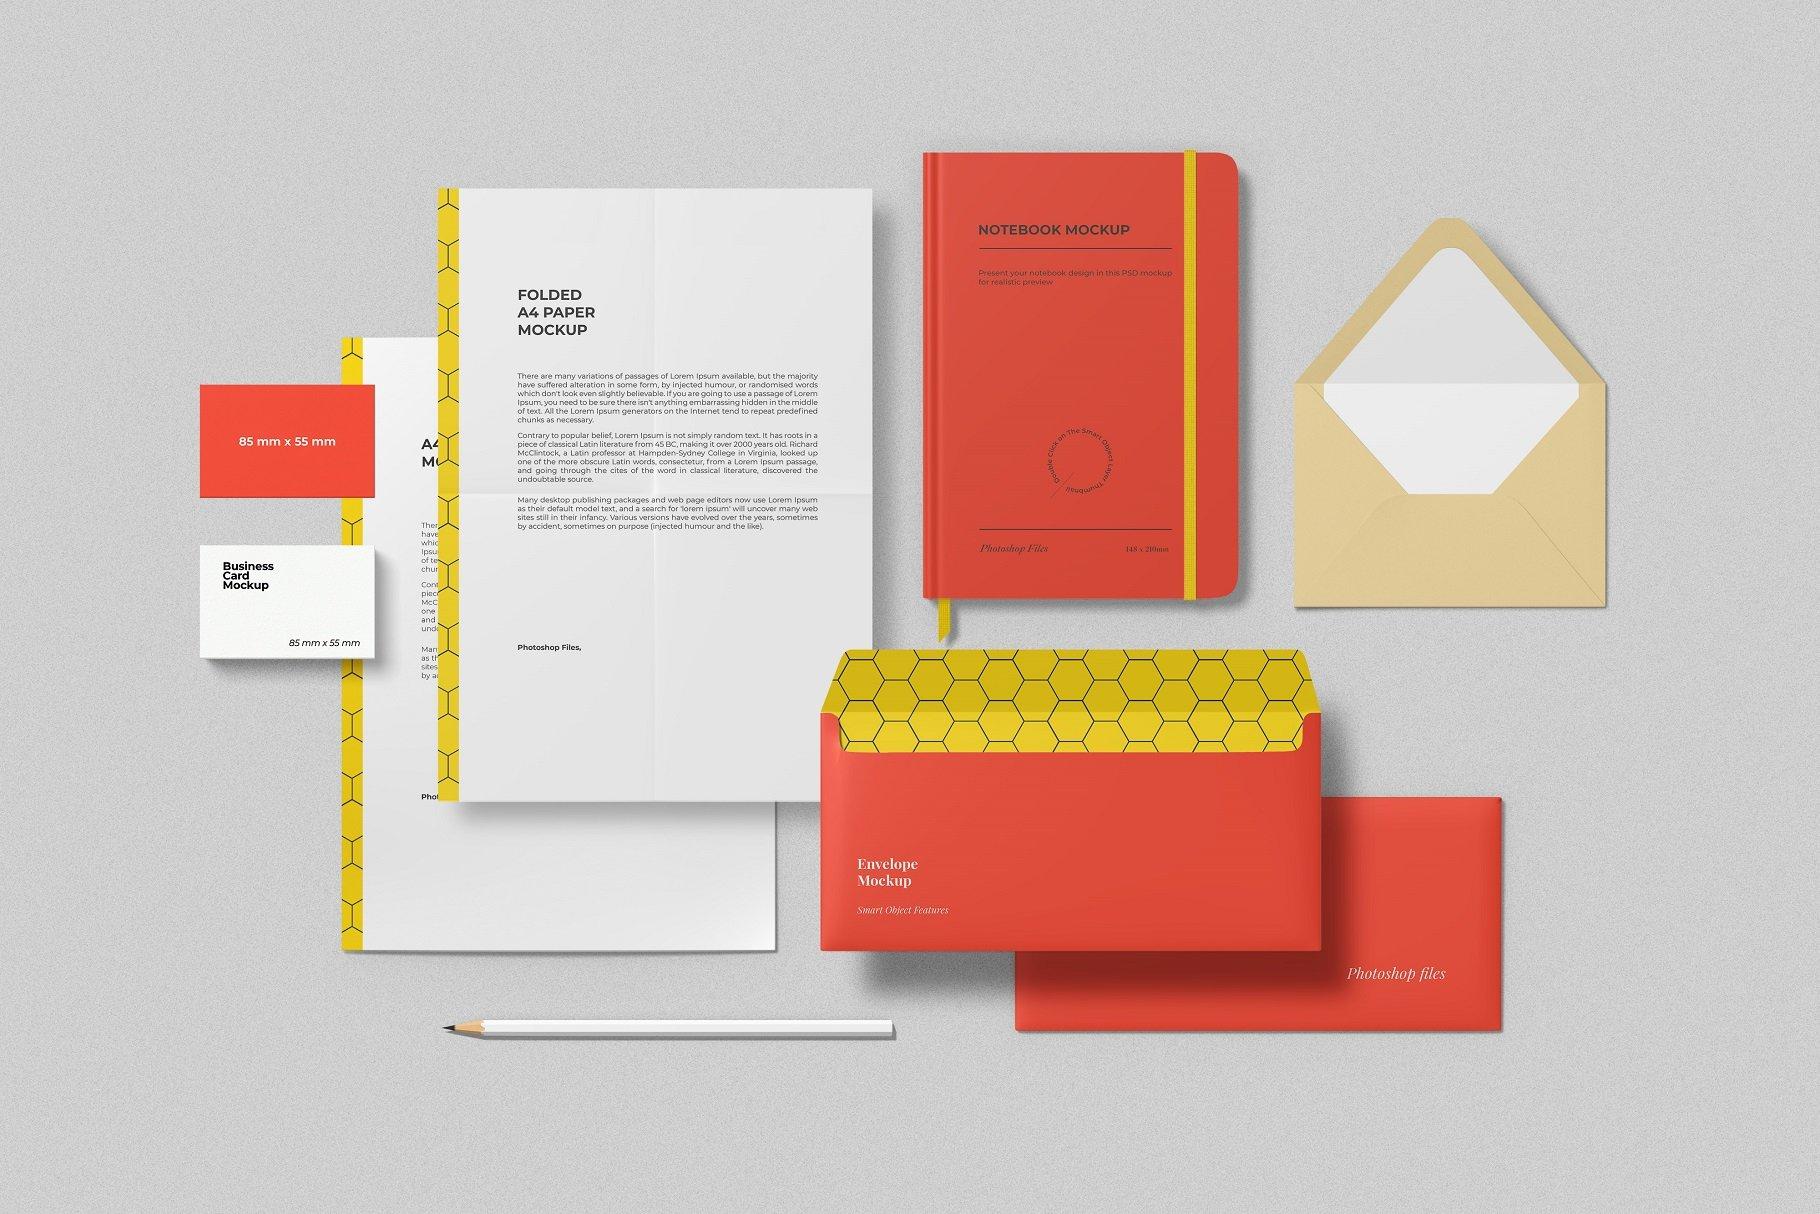 12个时尚简约品牌Logo设计办公用品展示贴图样机模板套装 Branding Mockup Scene Creator插图3